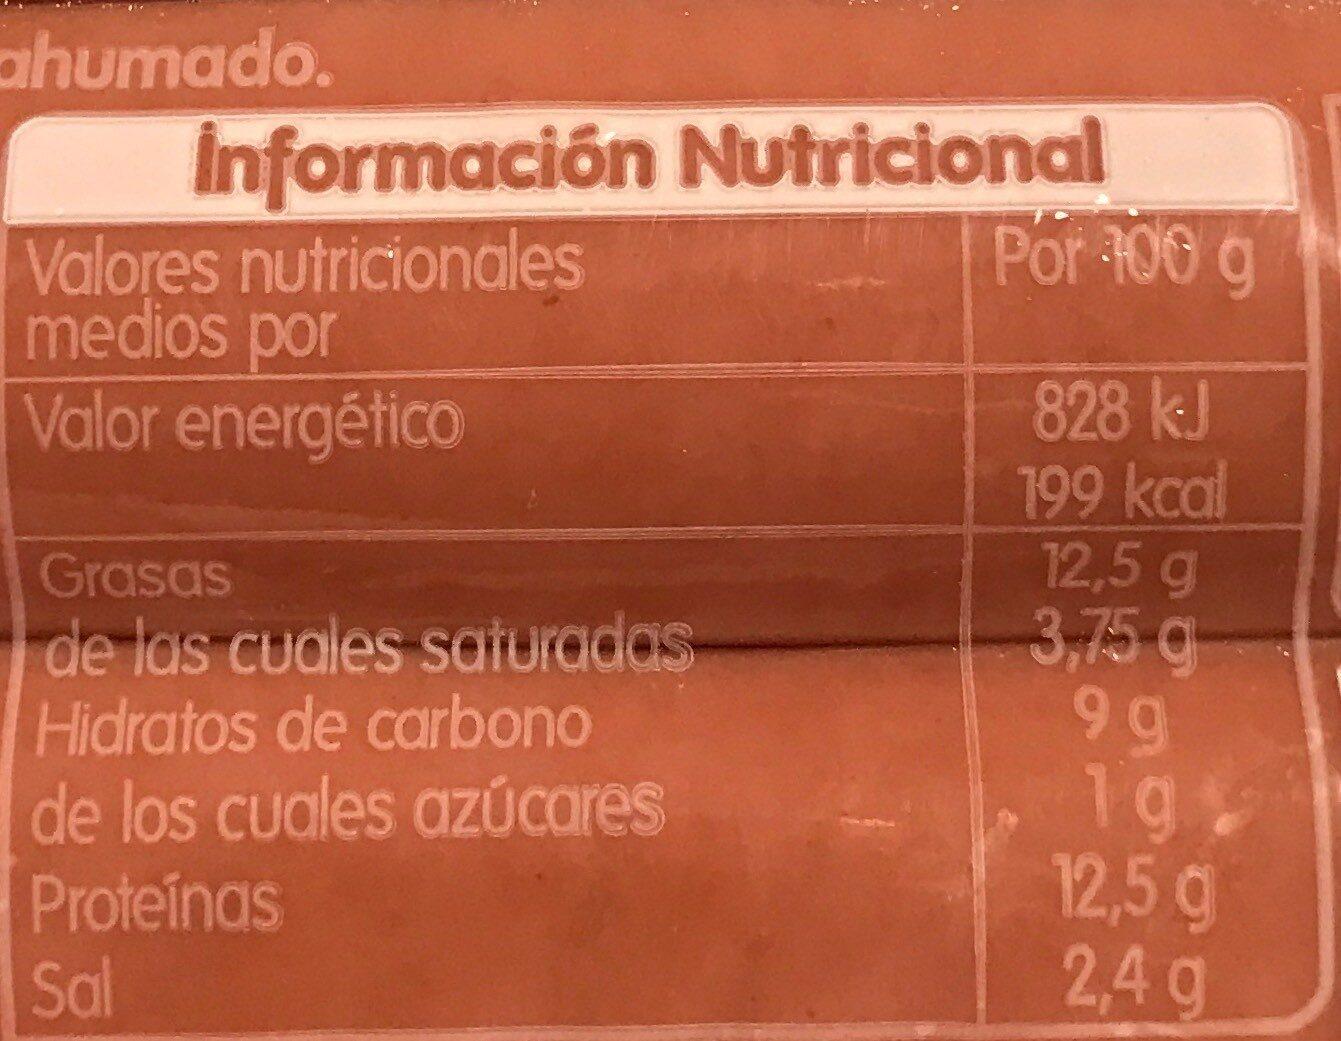 Salchichas de pollo - Informació nutricional